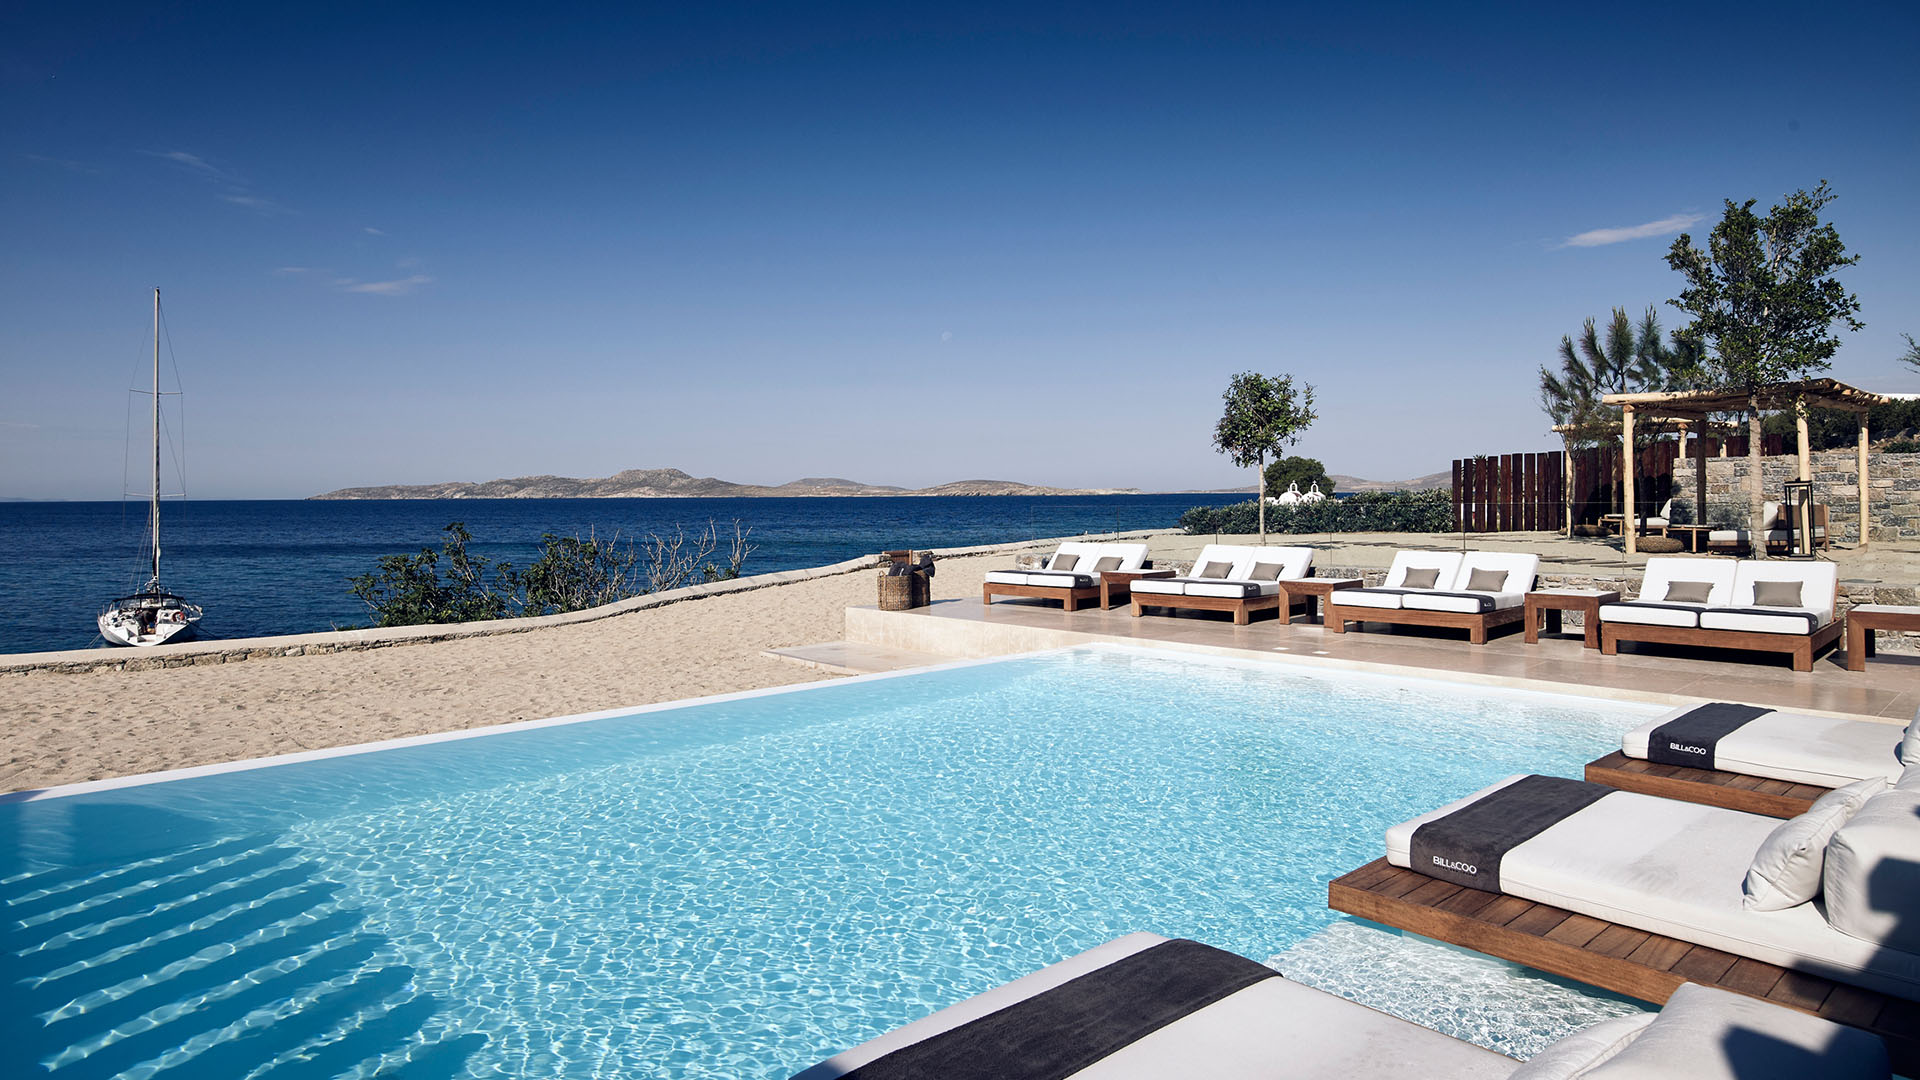 Bill Coo Mykonos Resort